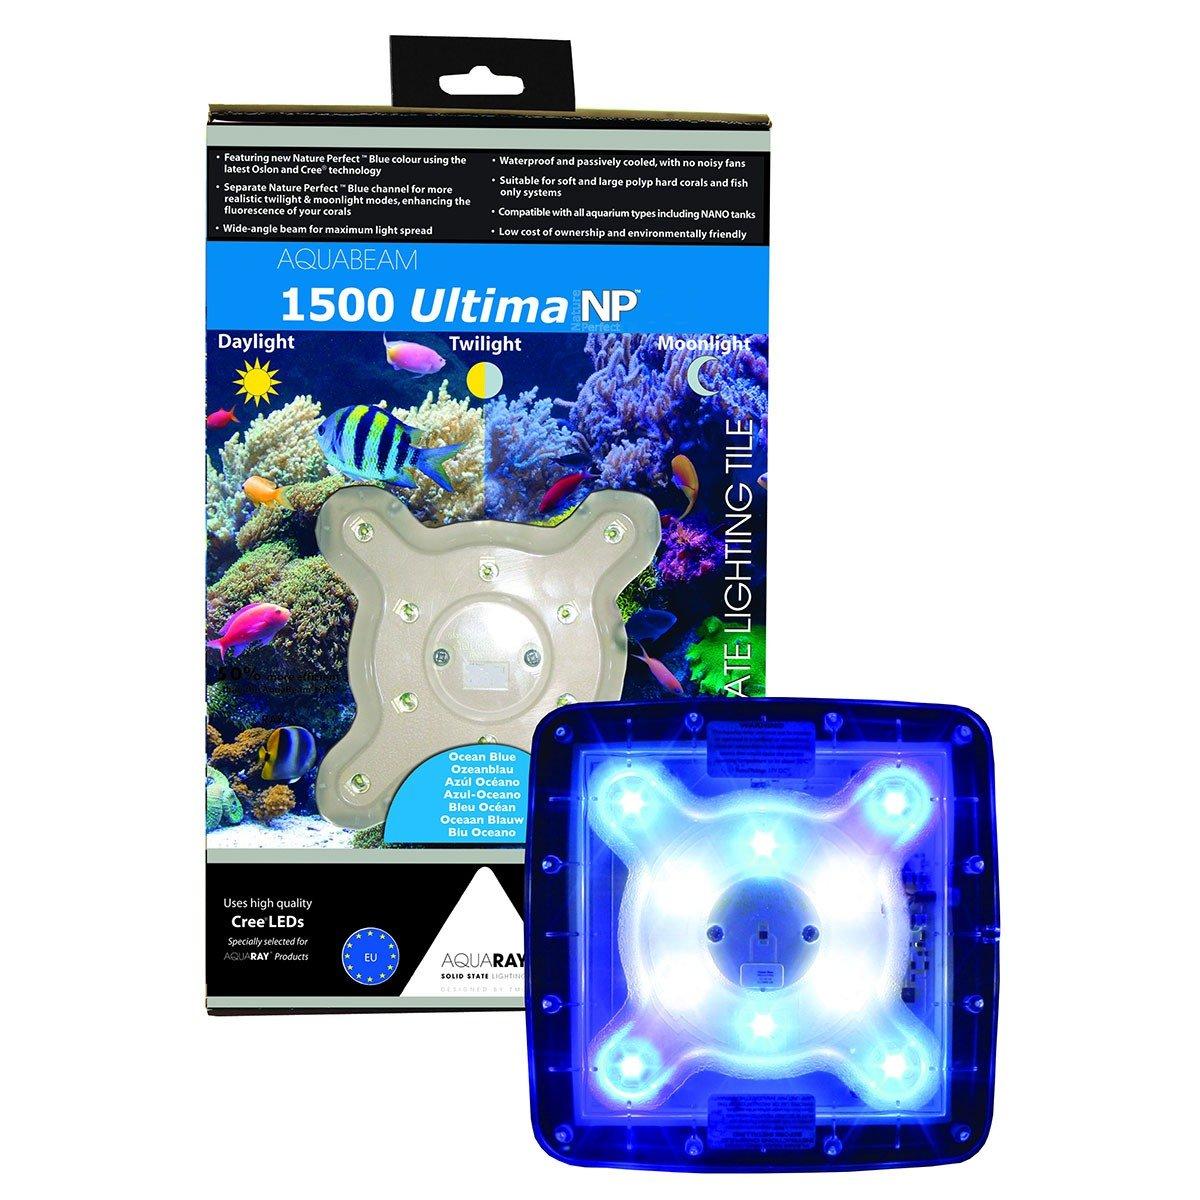 TMC Aquabeam 1500 Ultima Np Ocean Blue